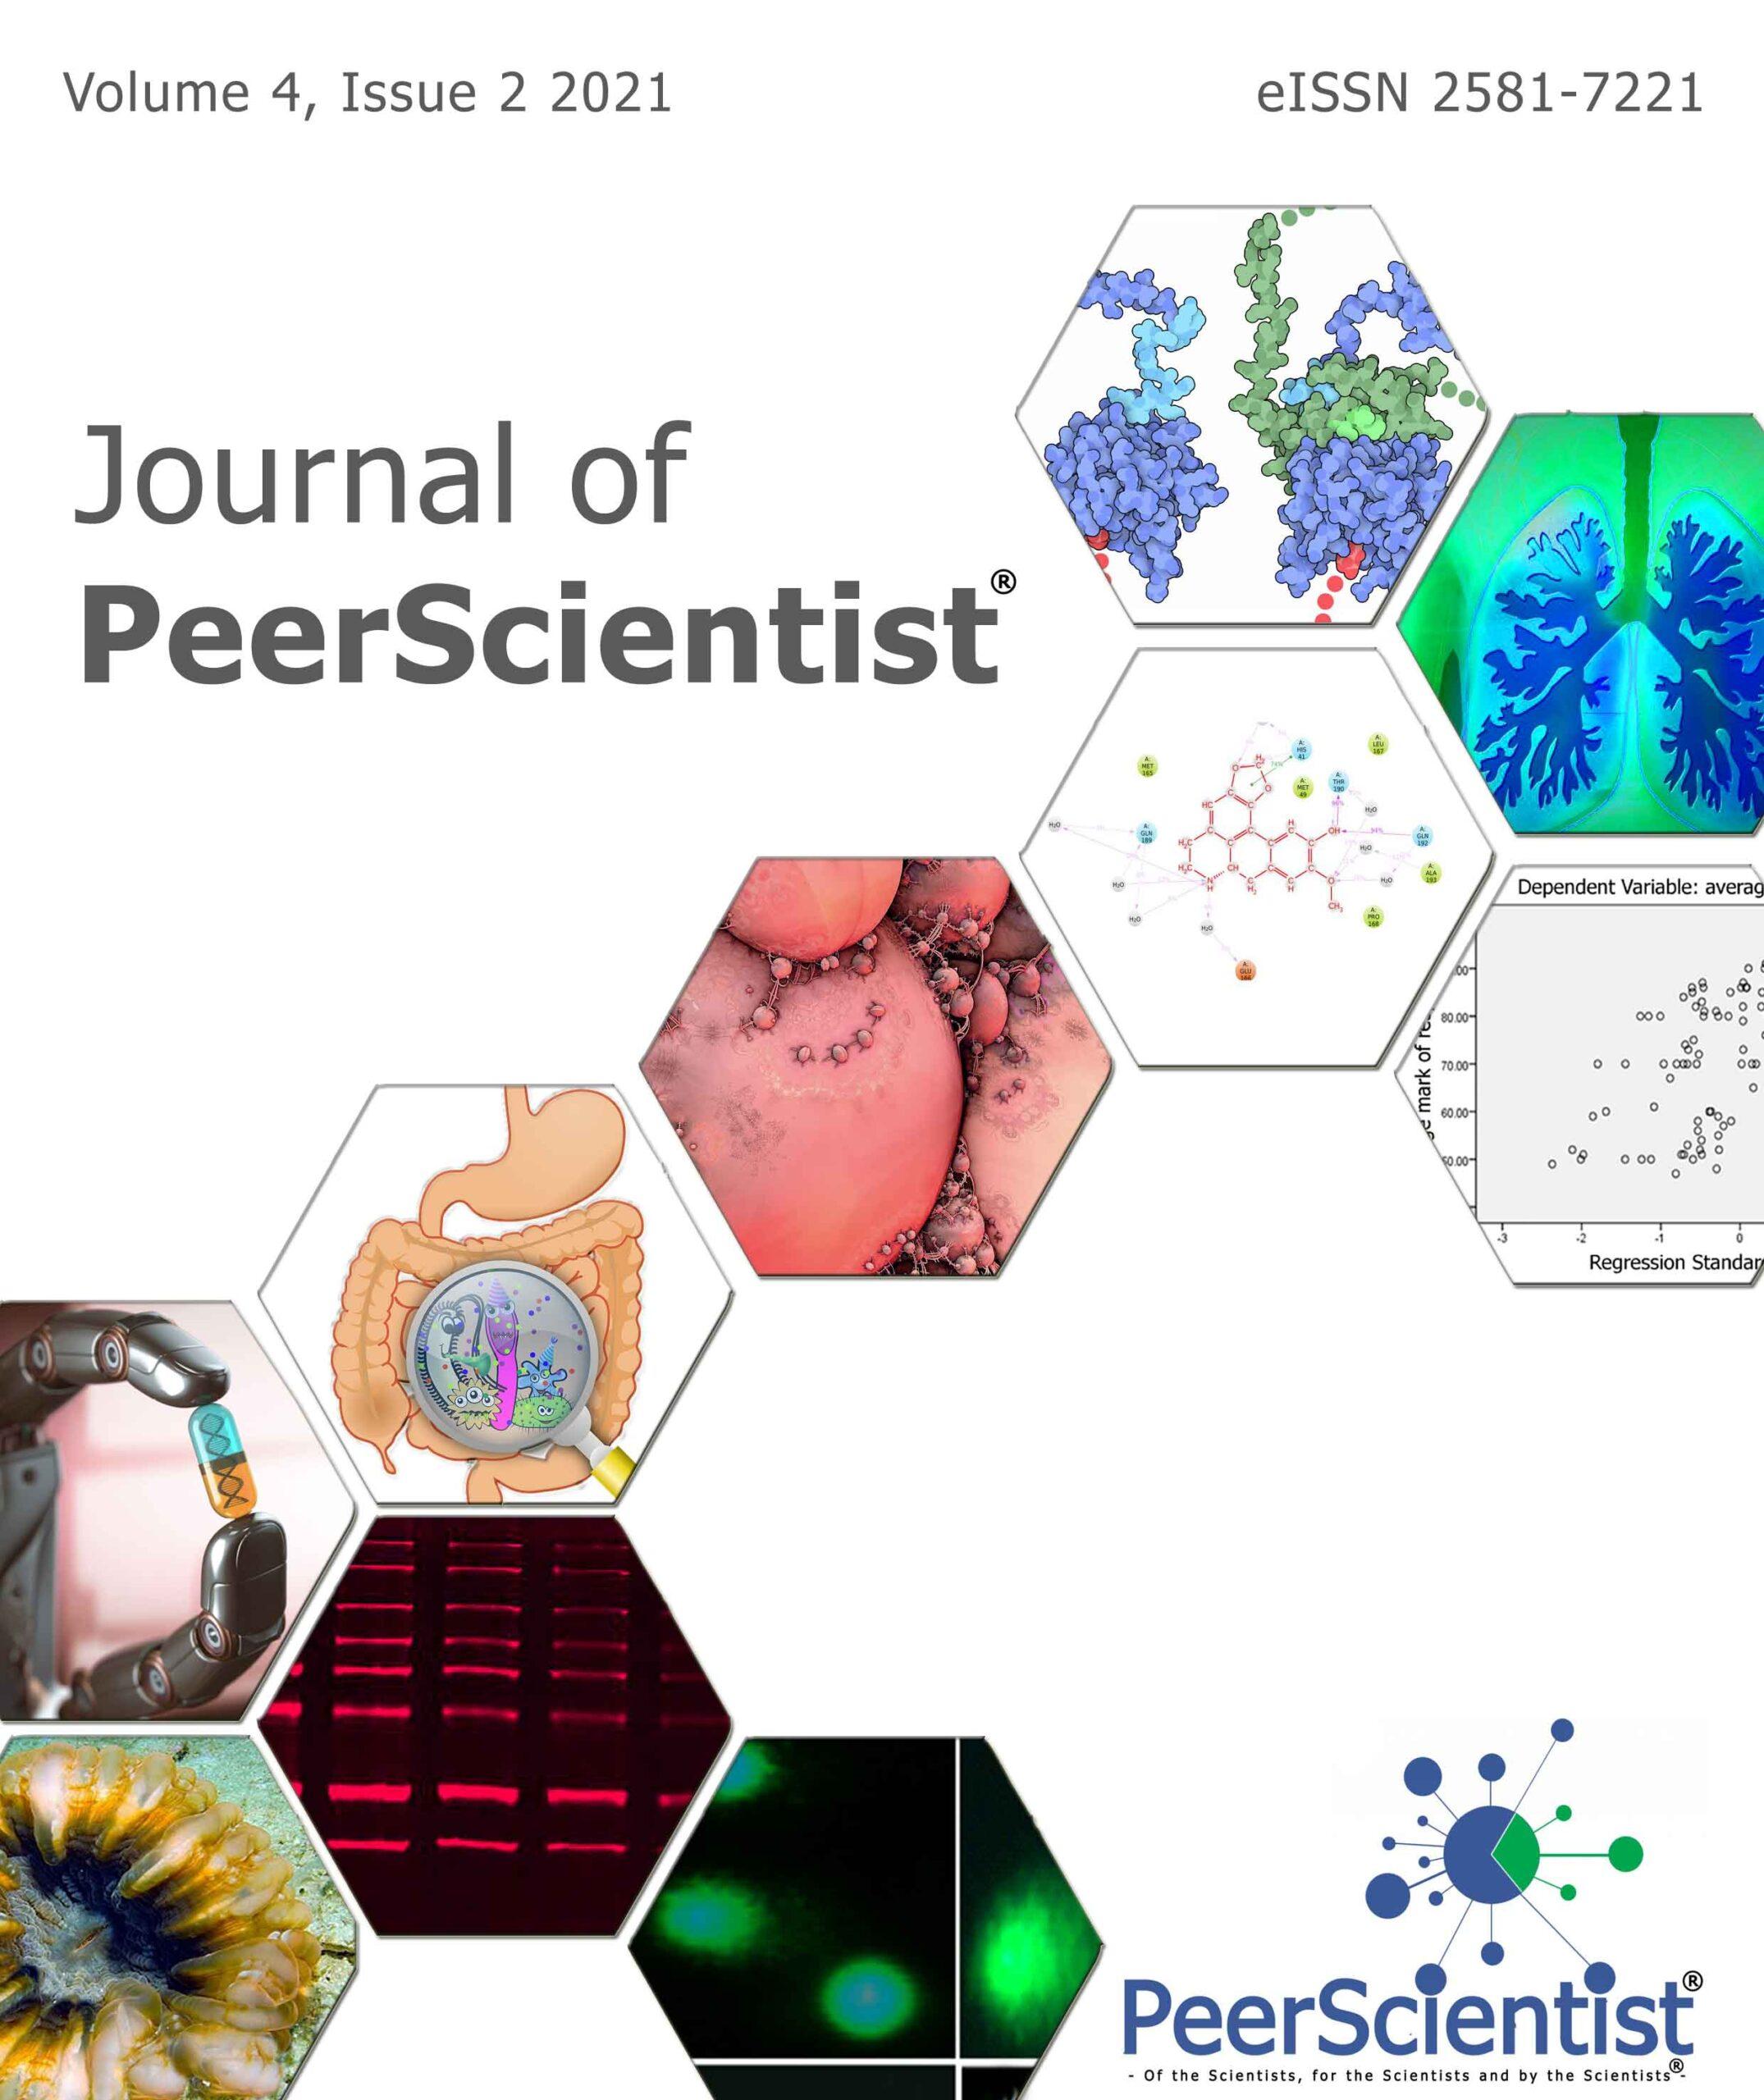 Journal of PeerScientist